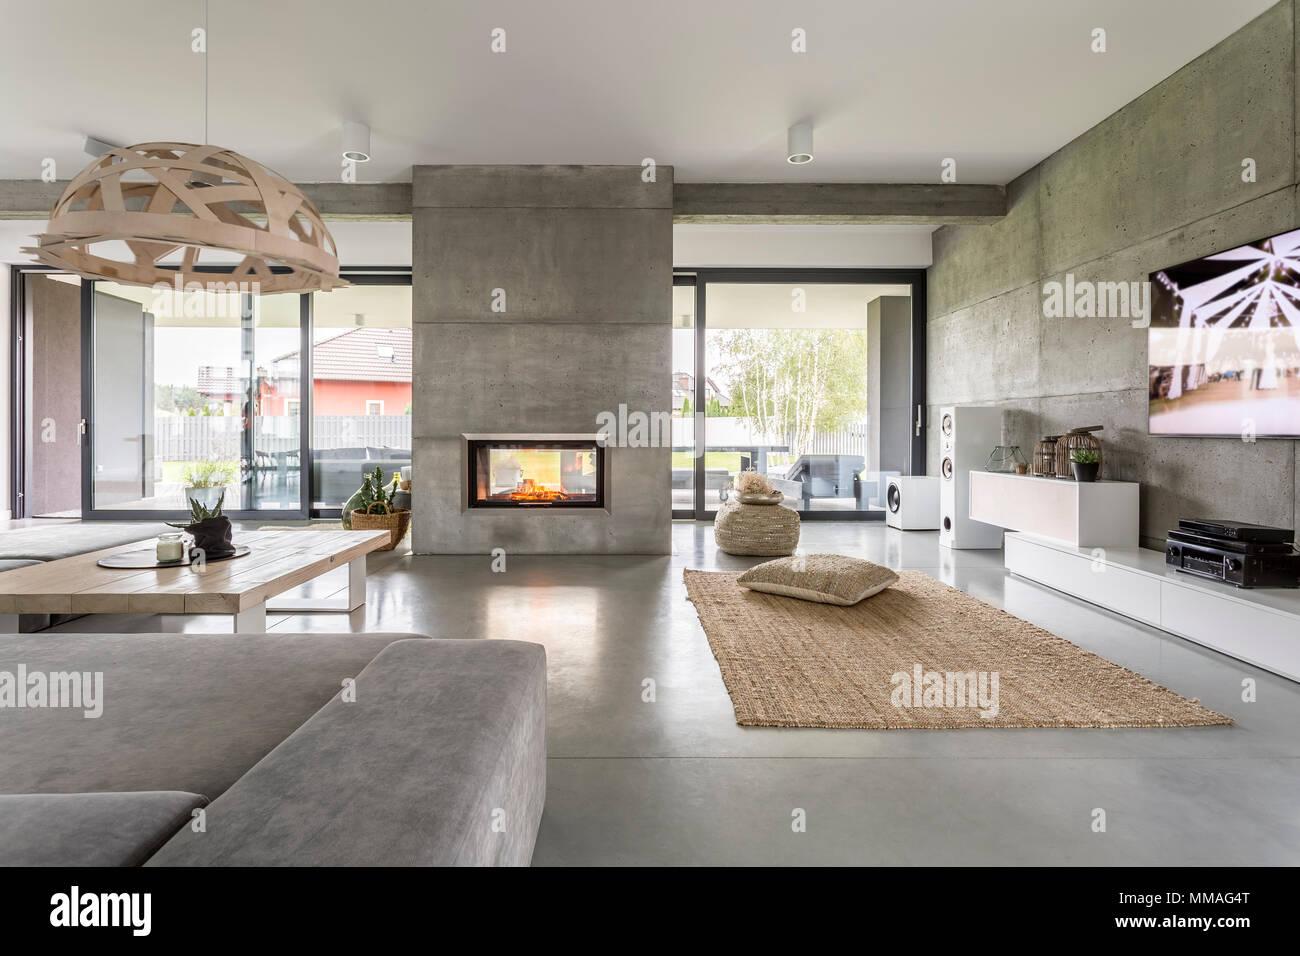 Spacieuse Villa Interieur Avec L Effet De Mur De Ciment Cheminee Et Tv Photo Stock Alamy